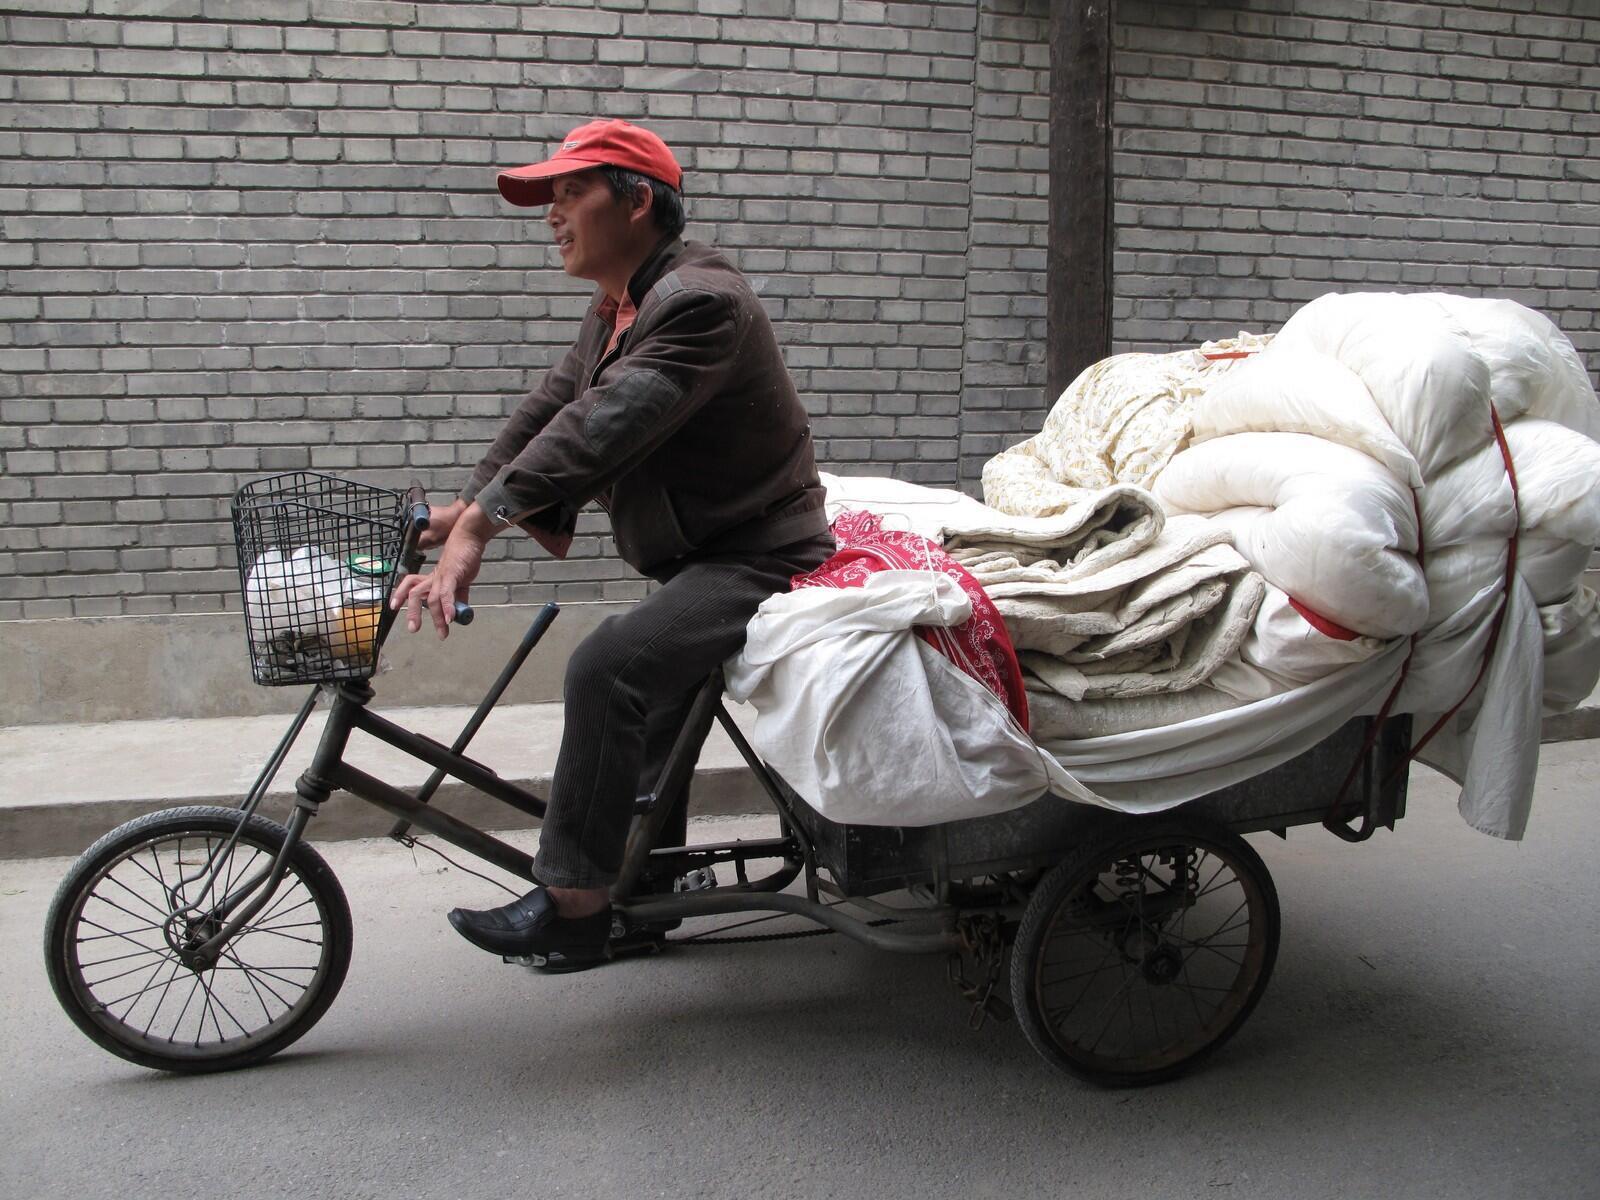 Le réparateur et vendeur de matelas travaille surtout l'hiver quand les plumes pour rembourrer les lits se vendent mieux. Comme des milliers d'autres, il se convertit en recycleur l'été.